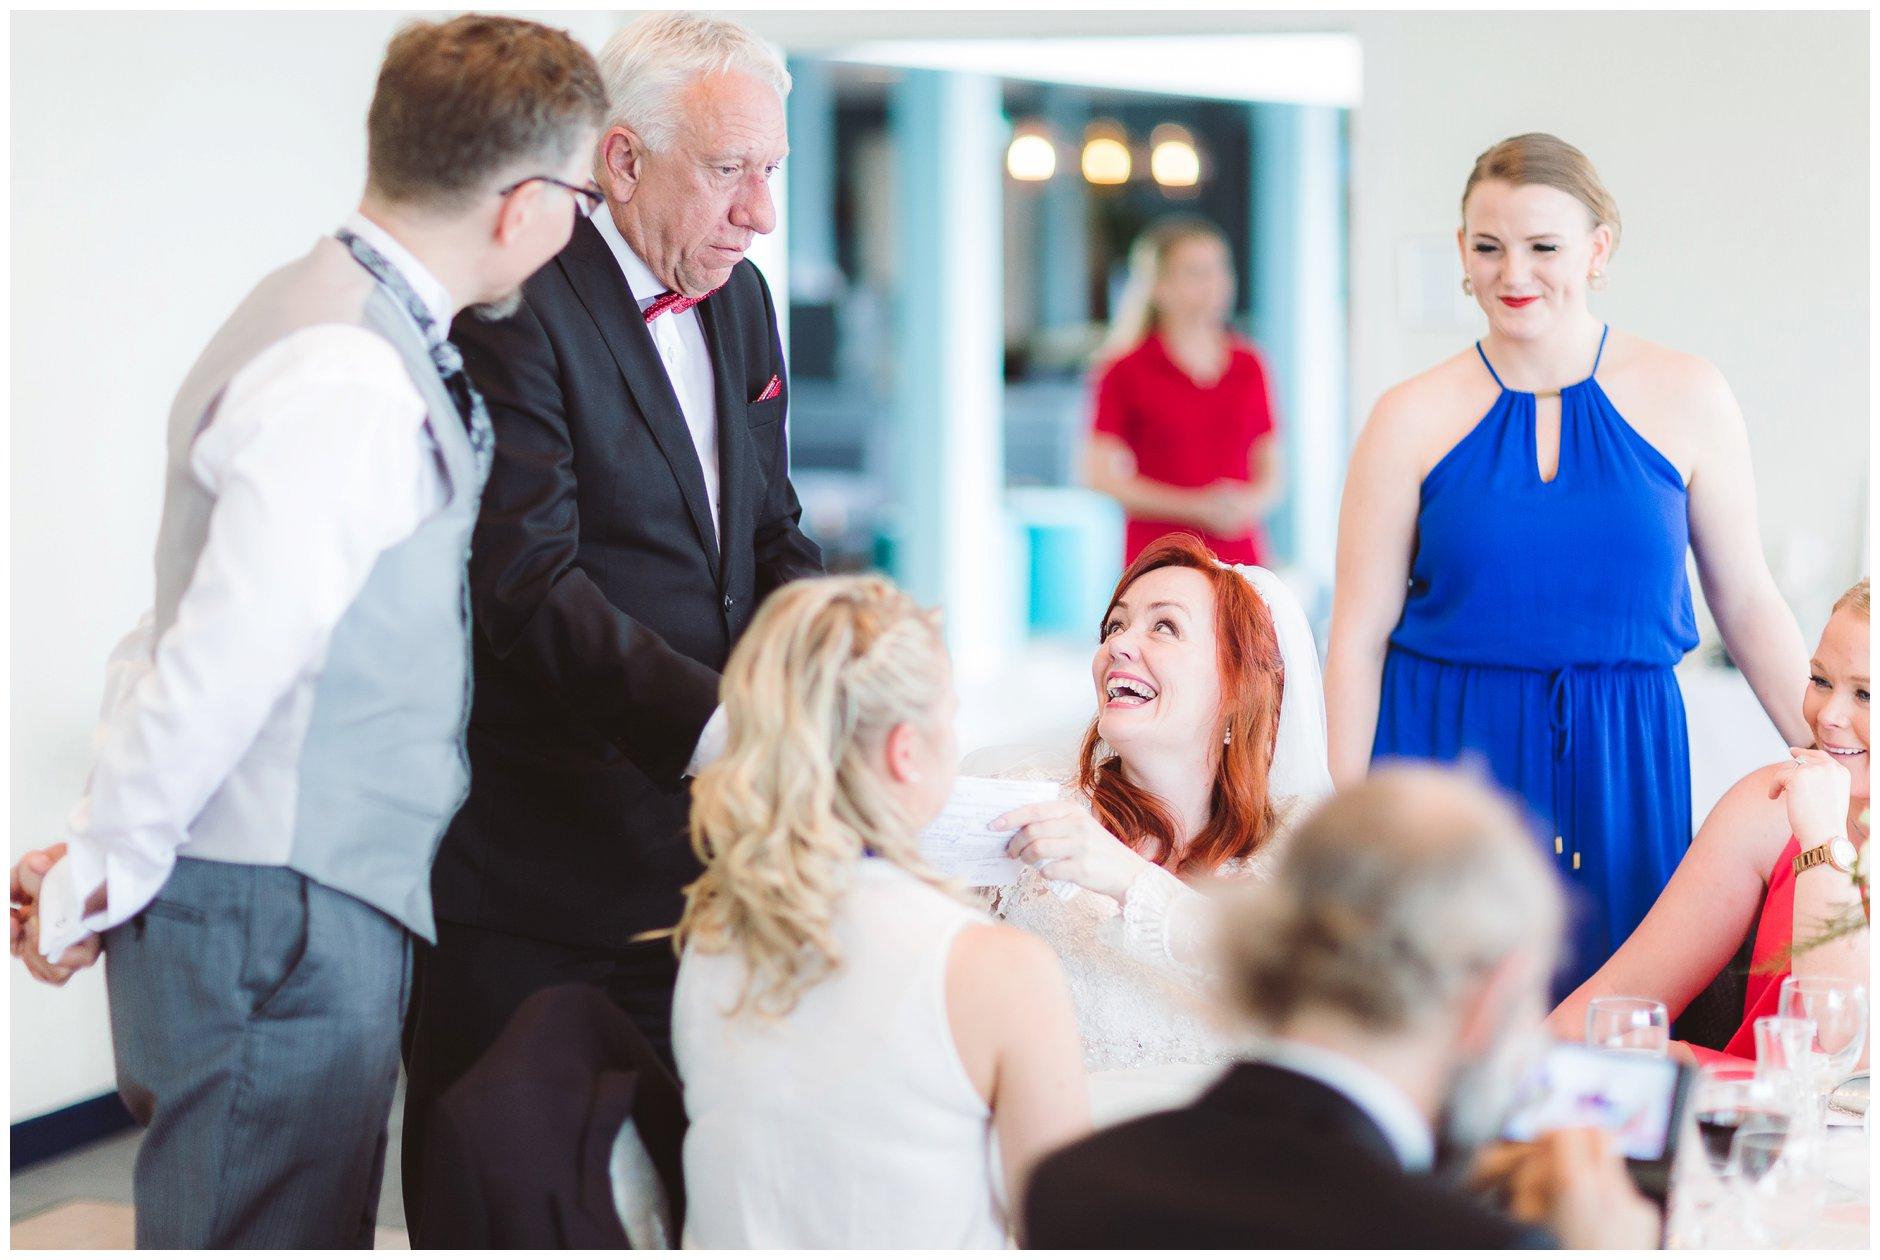 Fotograf-Eline-Jacobine-Bryllup-Tjøme-Scandic-Havna-Trine-og-Halvor_0126